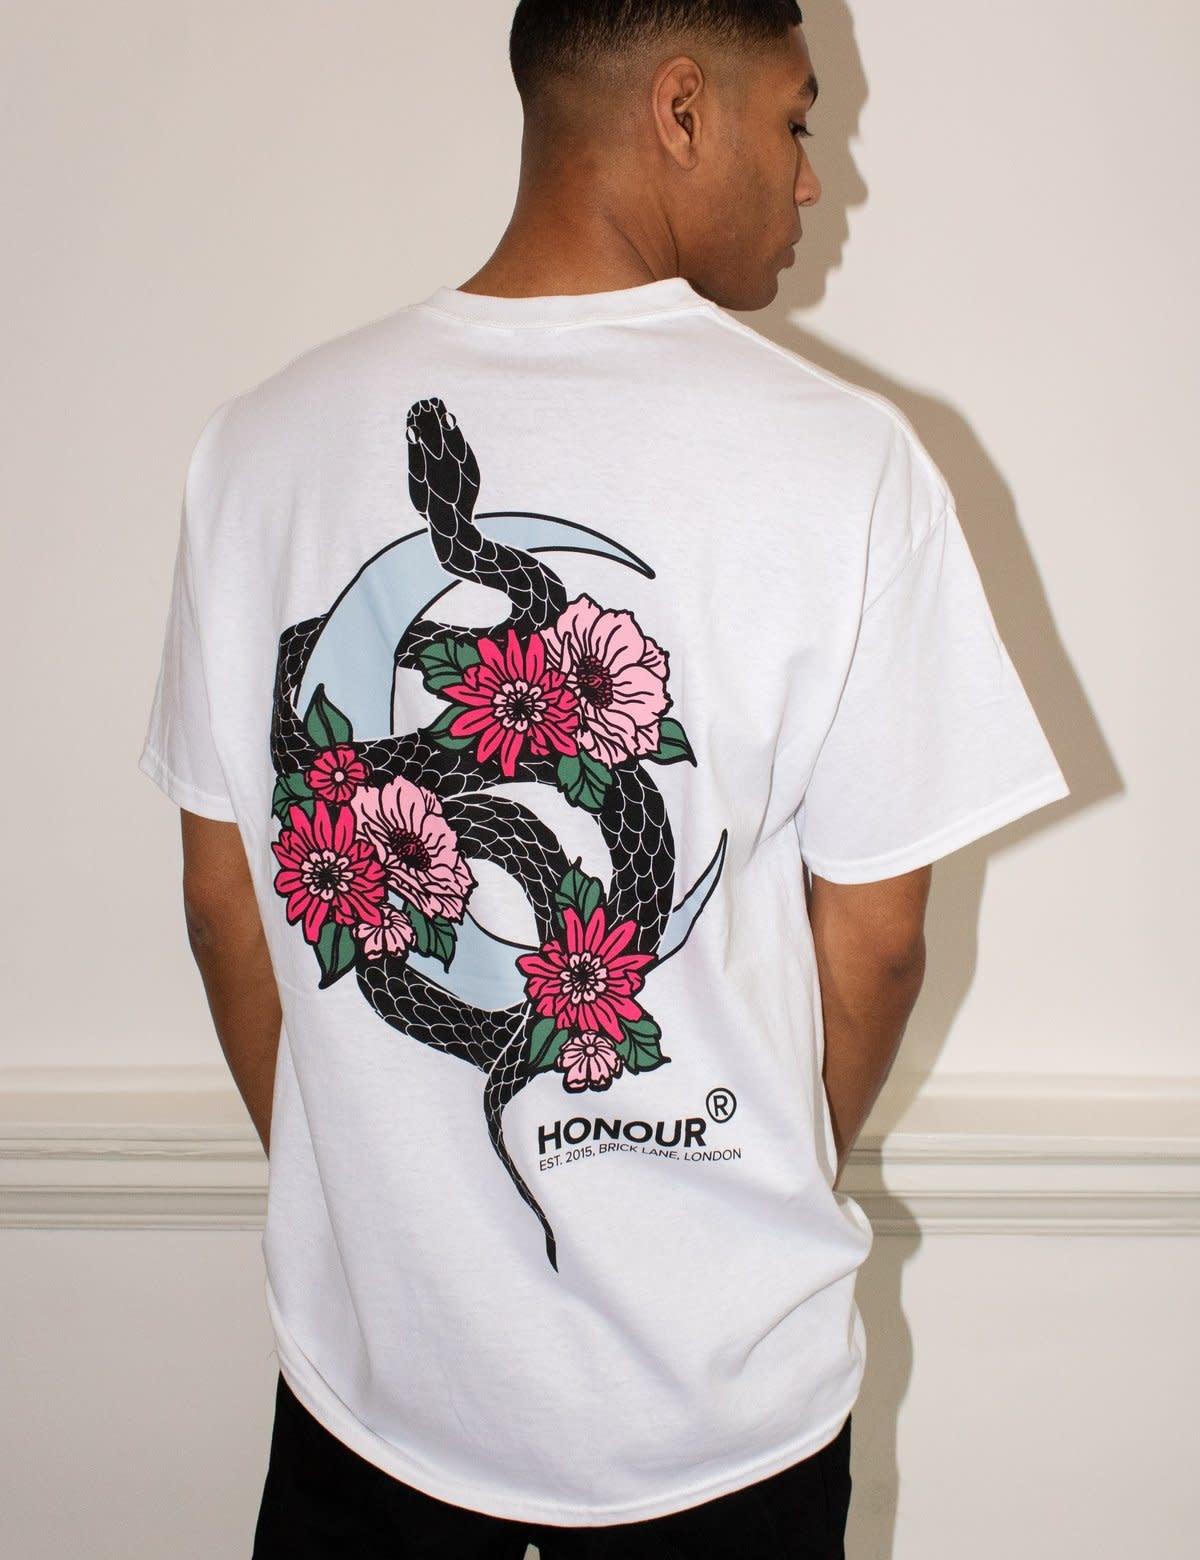 HNR LDN Honour Londen Snake H Unisex Tee White